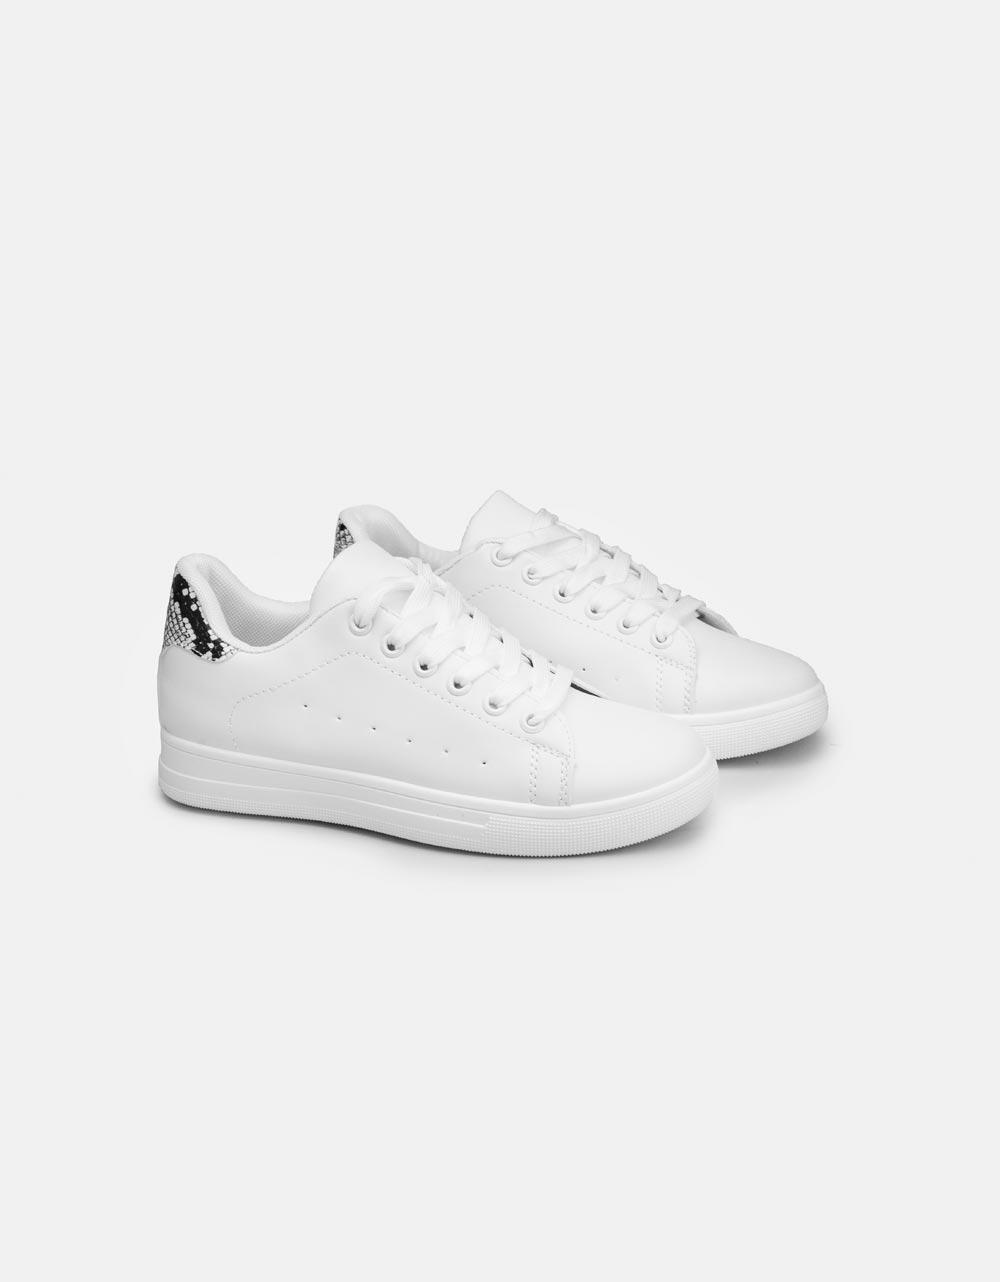 Εικόνα από Γυναικεία sneakers basic με διχρωμία Λευκό/Multi